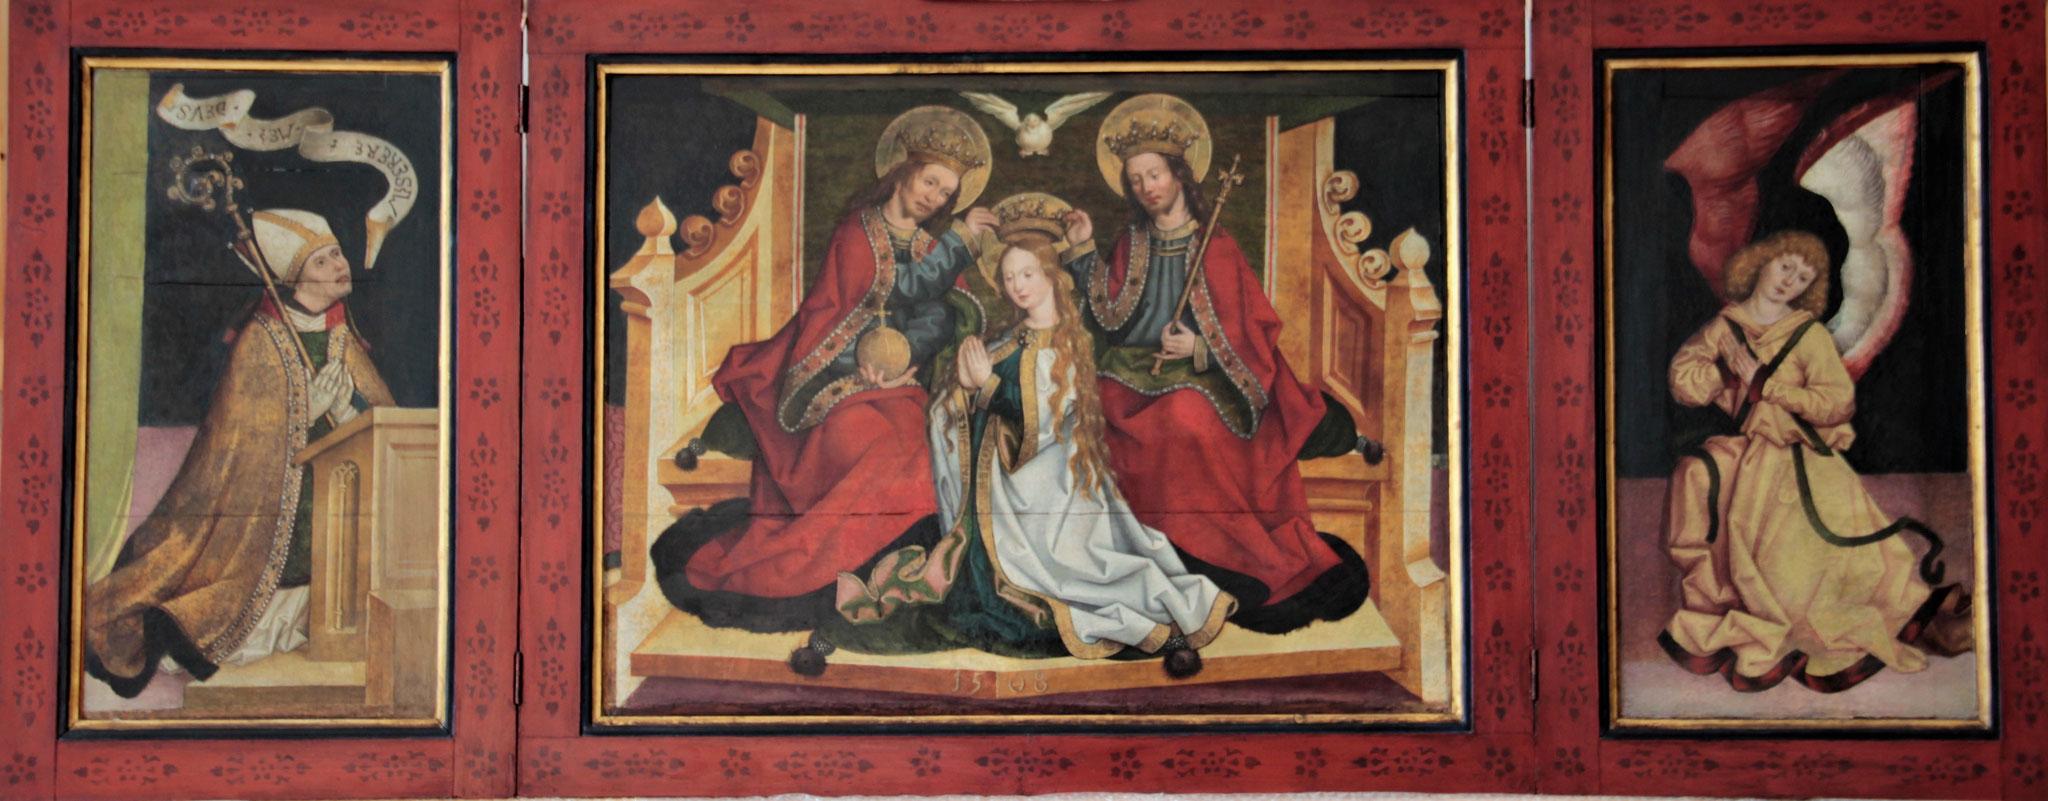 Triptychon Umkreis Jan Pollack 1508 Konservierung/ Retusche der Gemälde